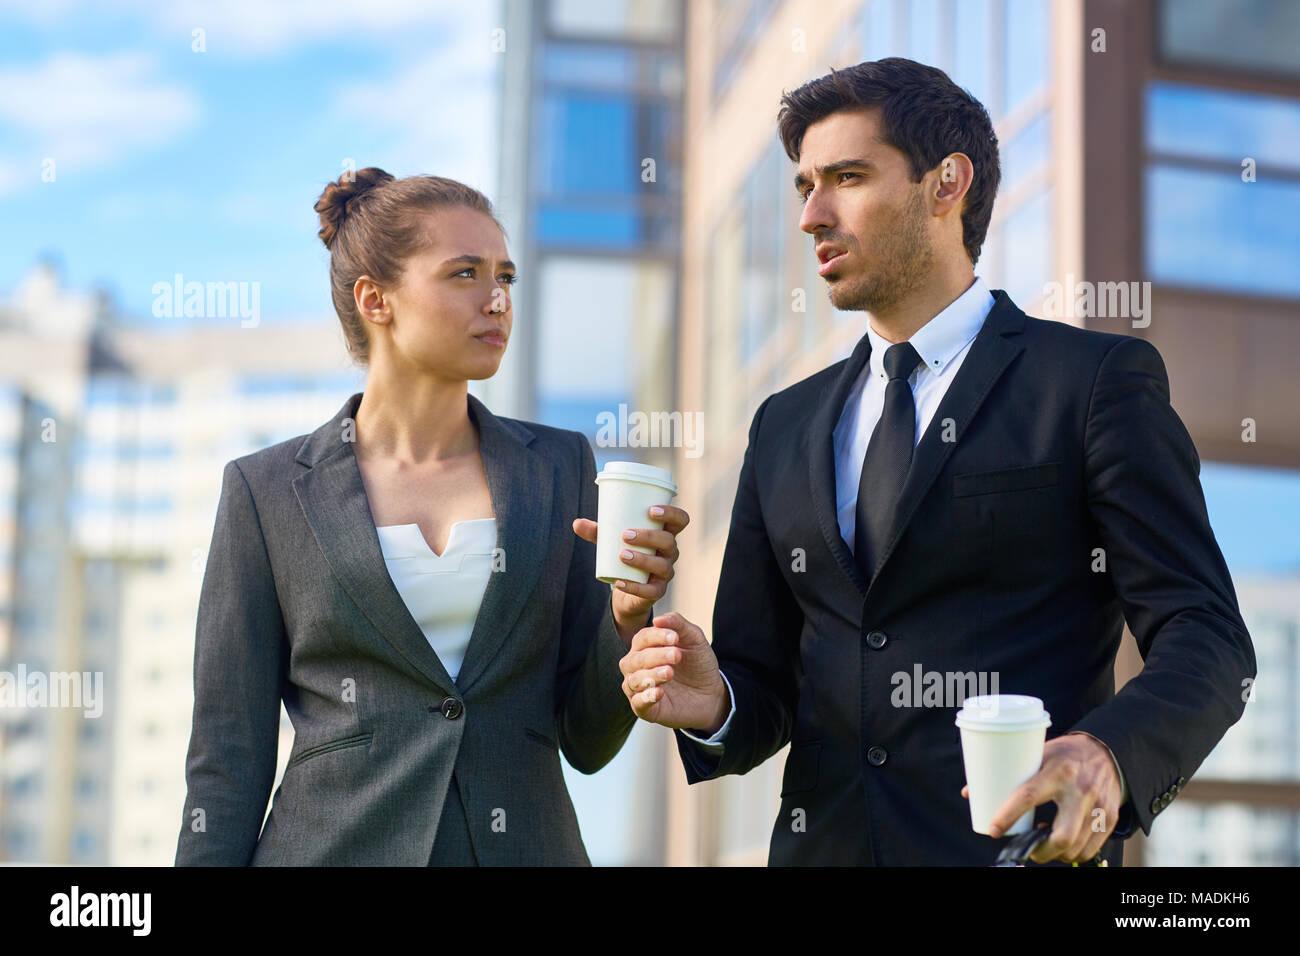 Joven agente de seguros en traje explicando su colega cómo hacer el siguiente paso en su negocio durante la piscina coffee-break Foto de stock